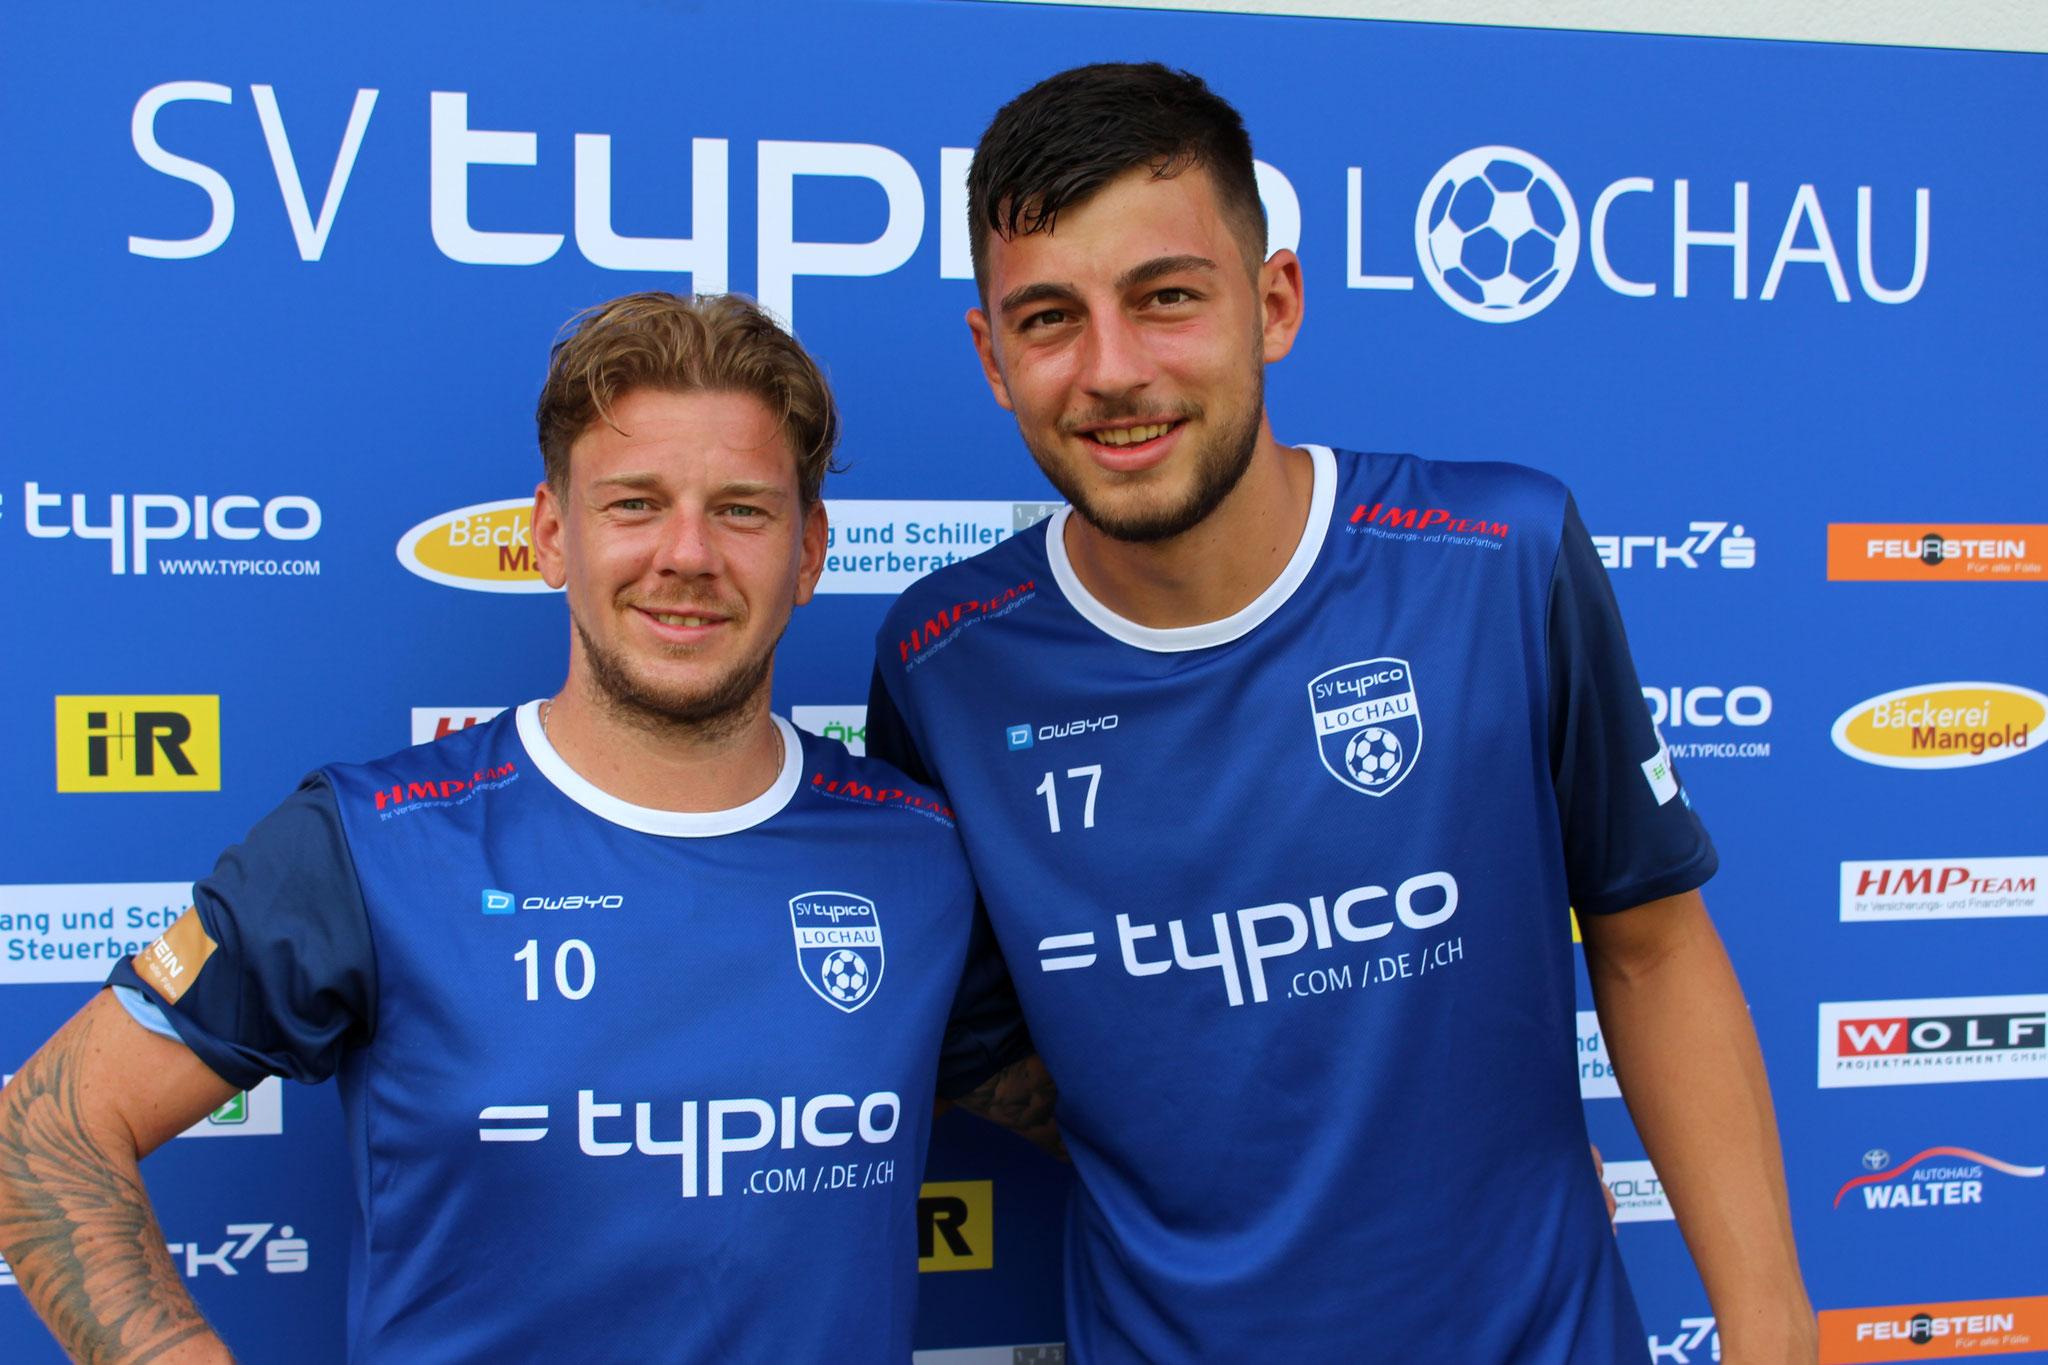 #10 Stefan Macccani & #17 Fabio Feldkircher